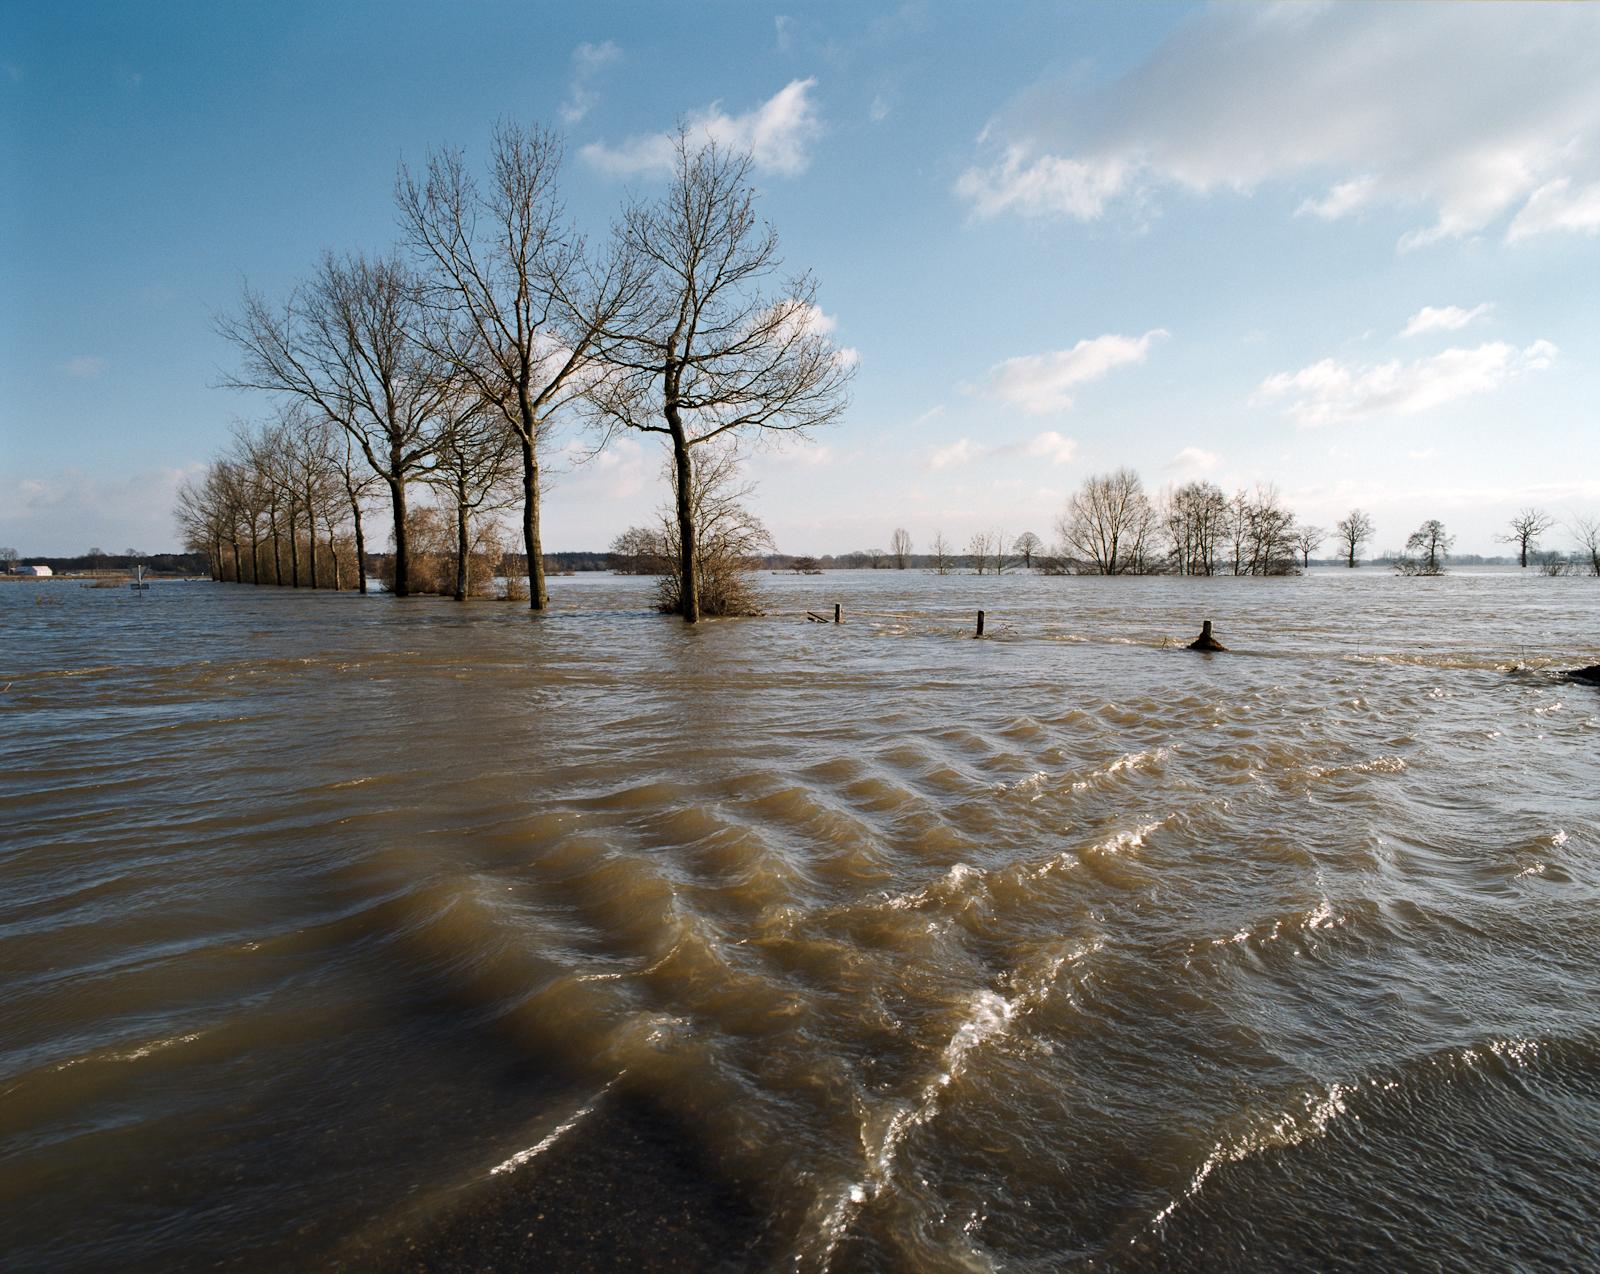 Hoogwater in de Maas bij de Weideweg naast de Koninginnebrug bij Well.